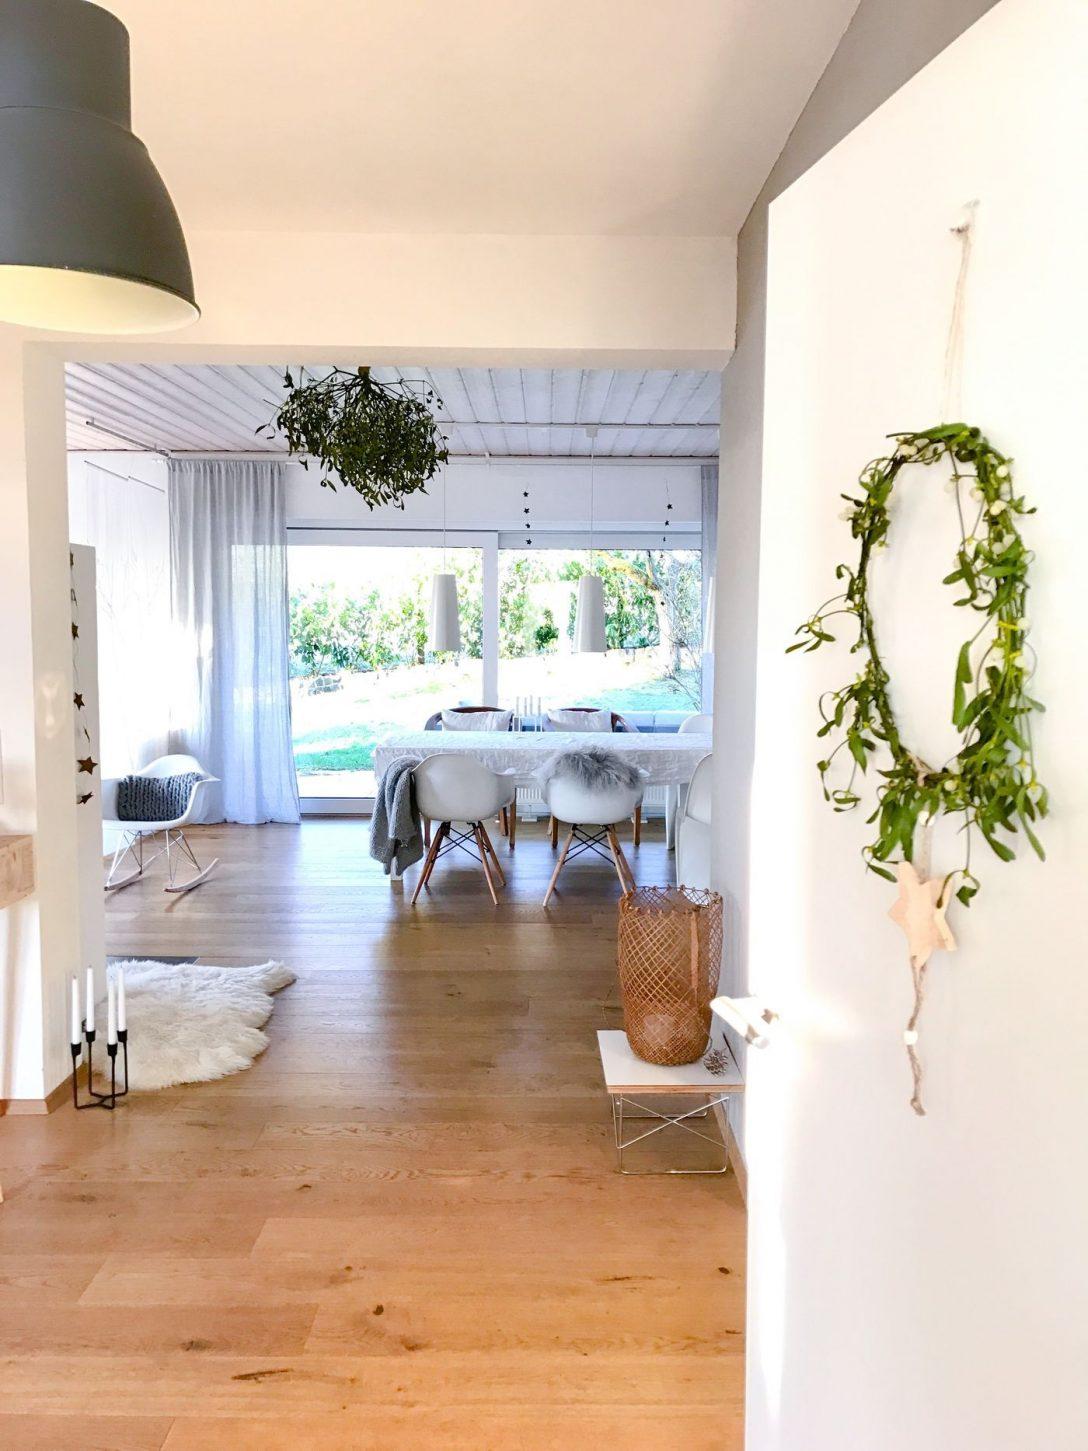 Large Size of Ikea Lampen Schnsten Ideen Mit Leuchten Wohnzimmer Esstisch Deckenlampen Für Modulküche Miniküche Modern Betten Bei Led Küche Kosten 160x200 Bad Stehlampen Wohnzimmer Ikea Lampen